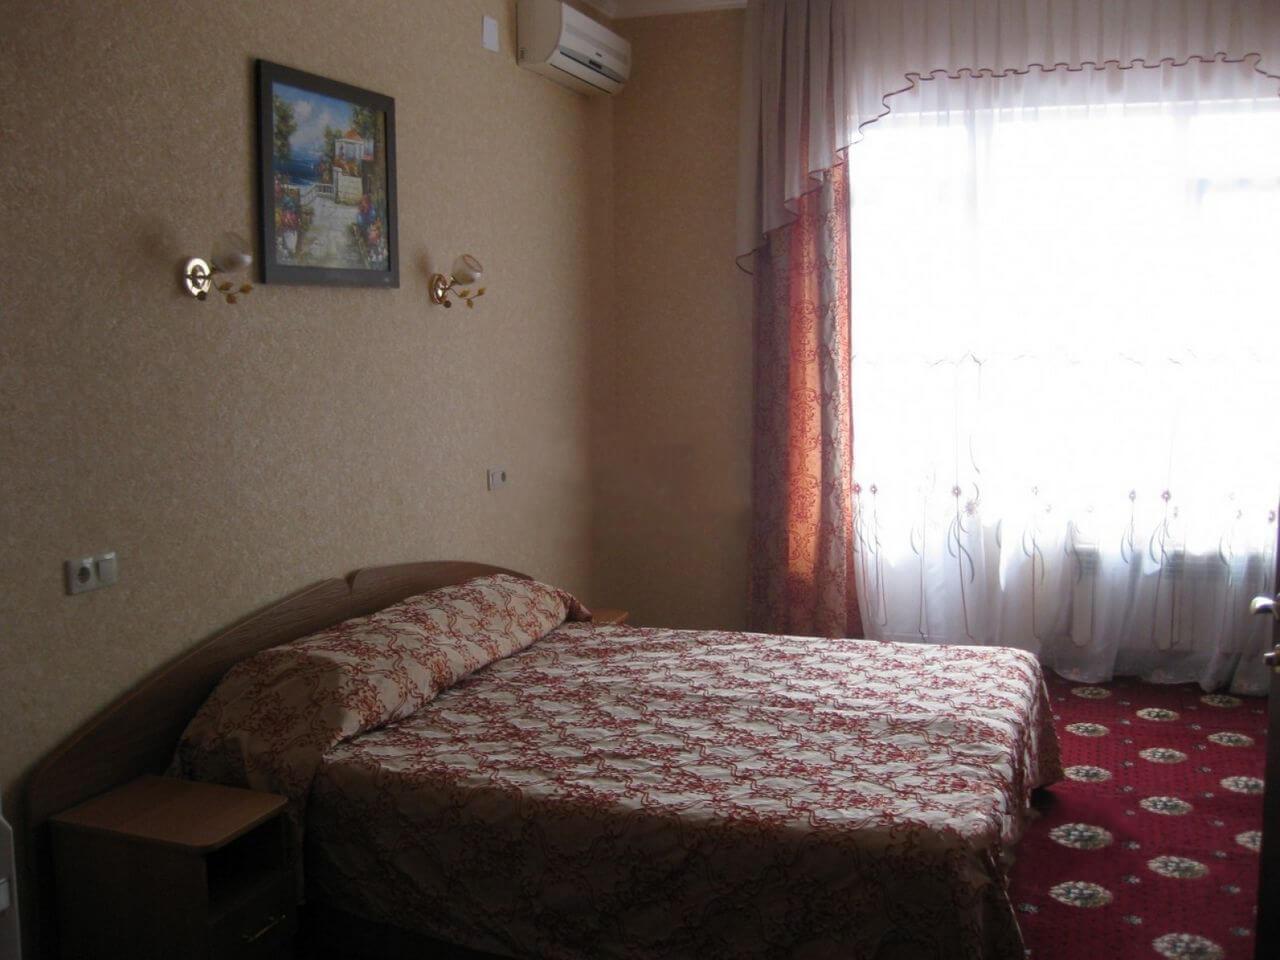 Полностью оборудованный гостиничный комплекс - image Polnostyu-oborudovannyj-gostinichnyj-kompleks-4 on http://bizneskvartal.ru